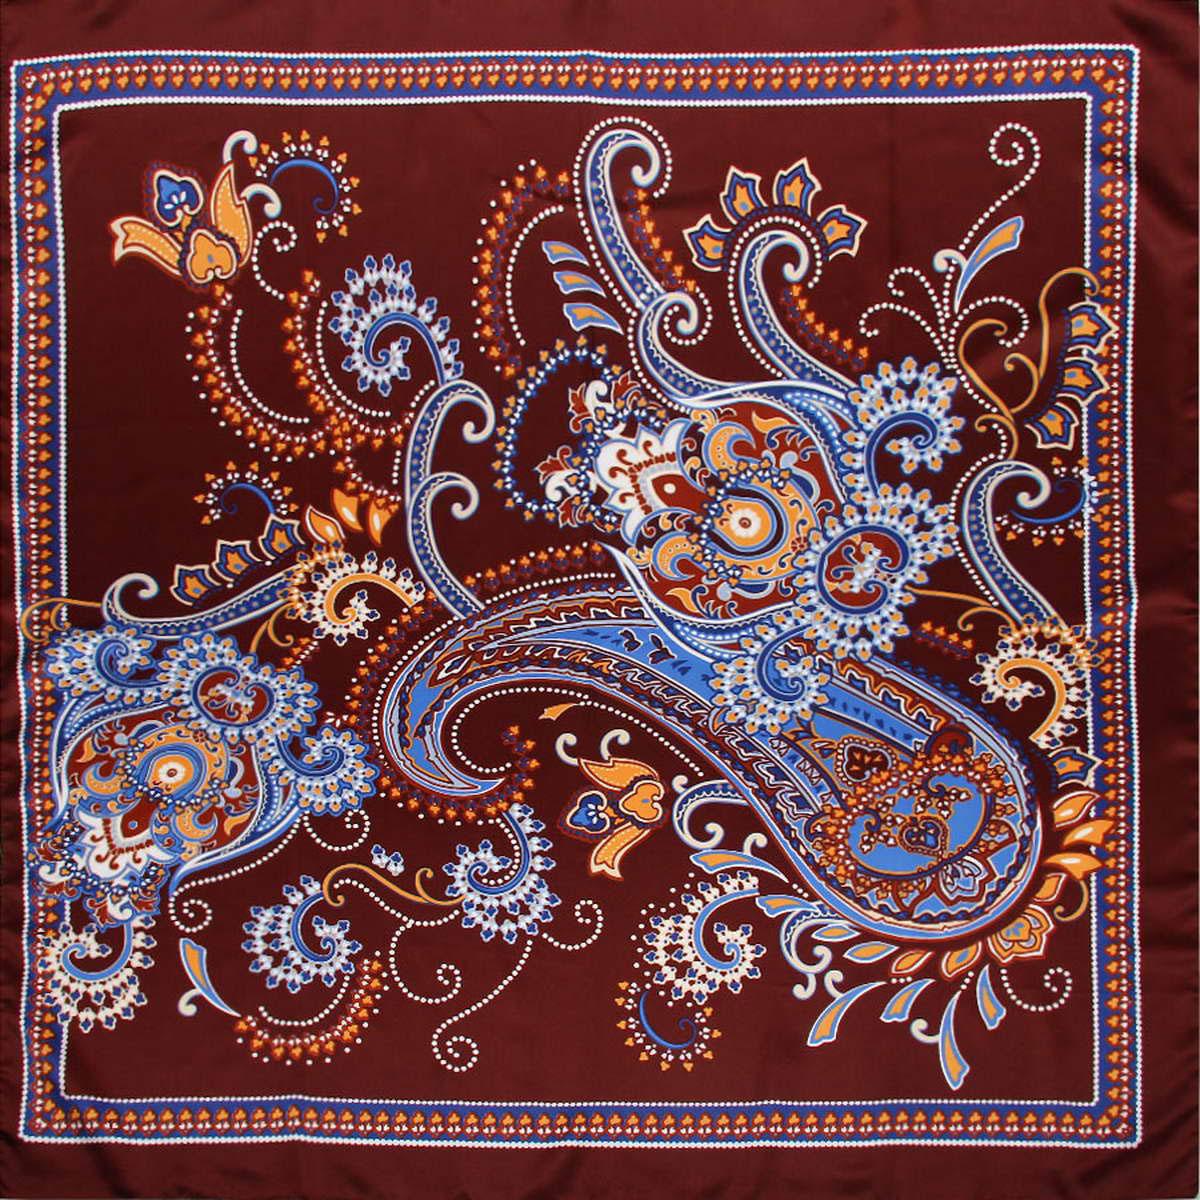 Платок3912983-219Яркий и неповторимый женский платок Venera изготовлен из легкого полиэстера, будет идеальным вариантом для дополнения любого наряда. Насыщенная цветовая гамма станет глотком свежести и летнего настроения, а идеальный принт в восточном индийском стиле станет элементом экзотичного и необычного. Классическая квадратная форма позволяет носить платок на шее, украшать им прическу или декорировать сумочку. Этот идеальный аксессуар предназначен для элегантной и изысканной женщины, которая всегда знает как привлечь к себе внимание и восторг. Платок Venera превосходно дополнит любой наряд и подчеркнет ваш неповторимый вкус и элегантность.